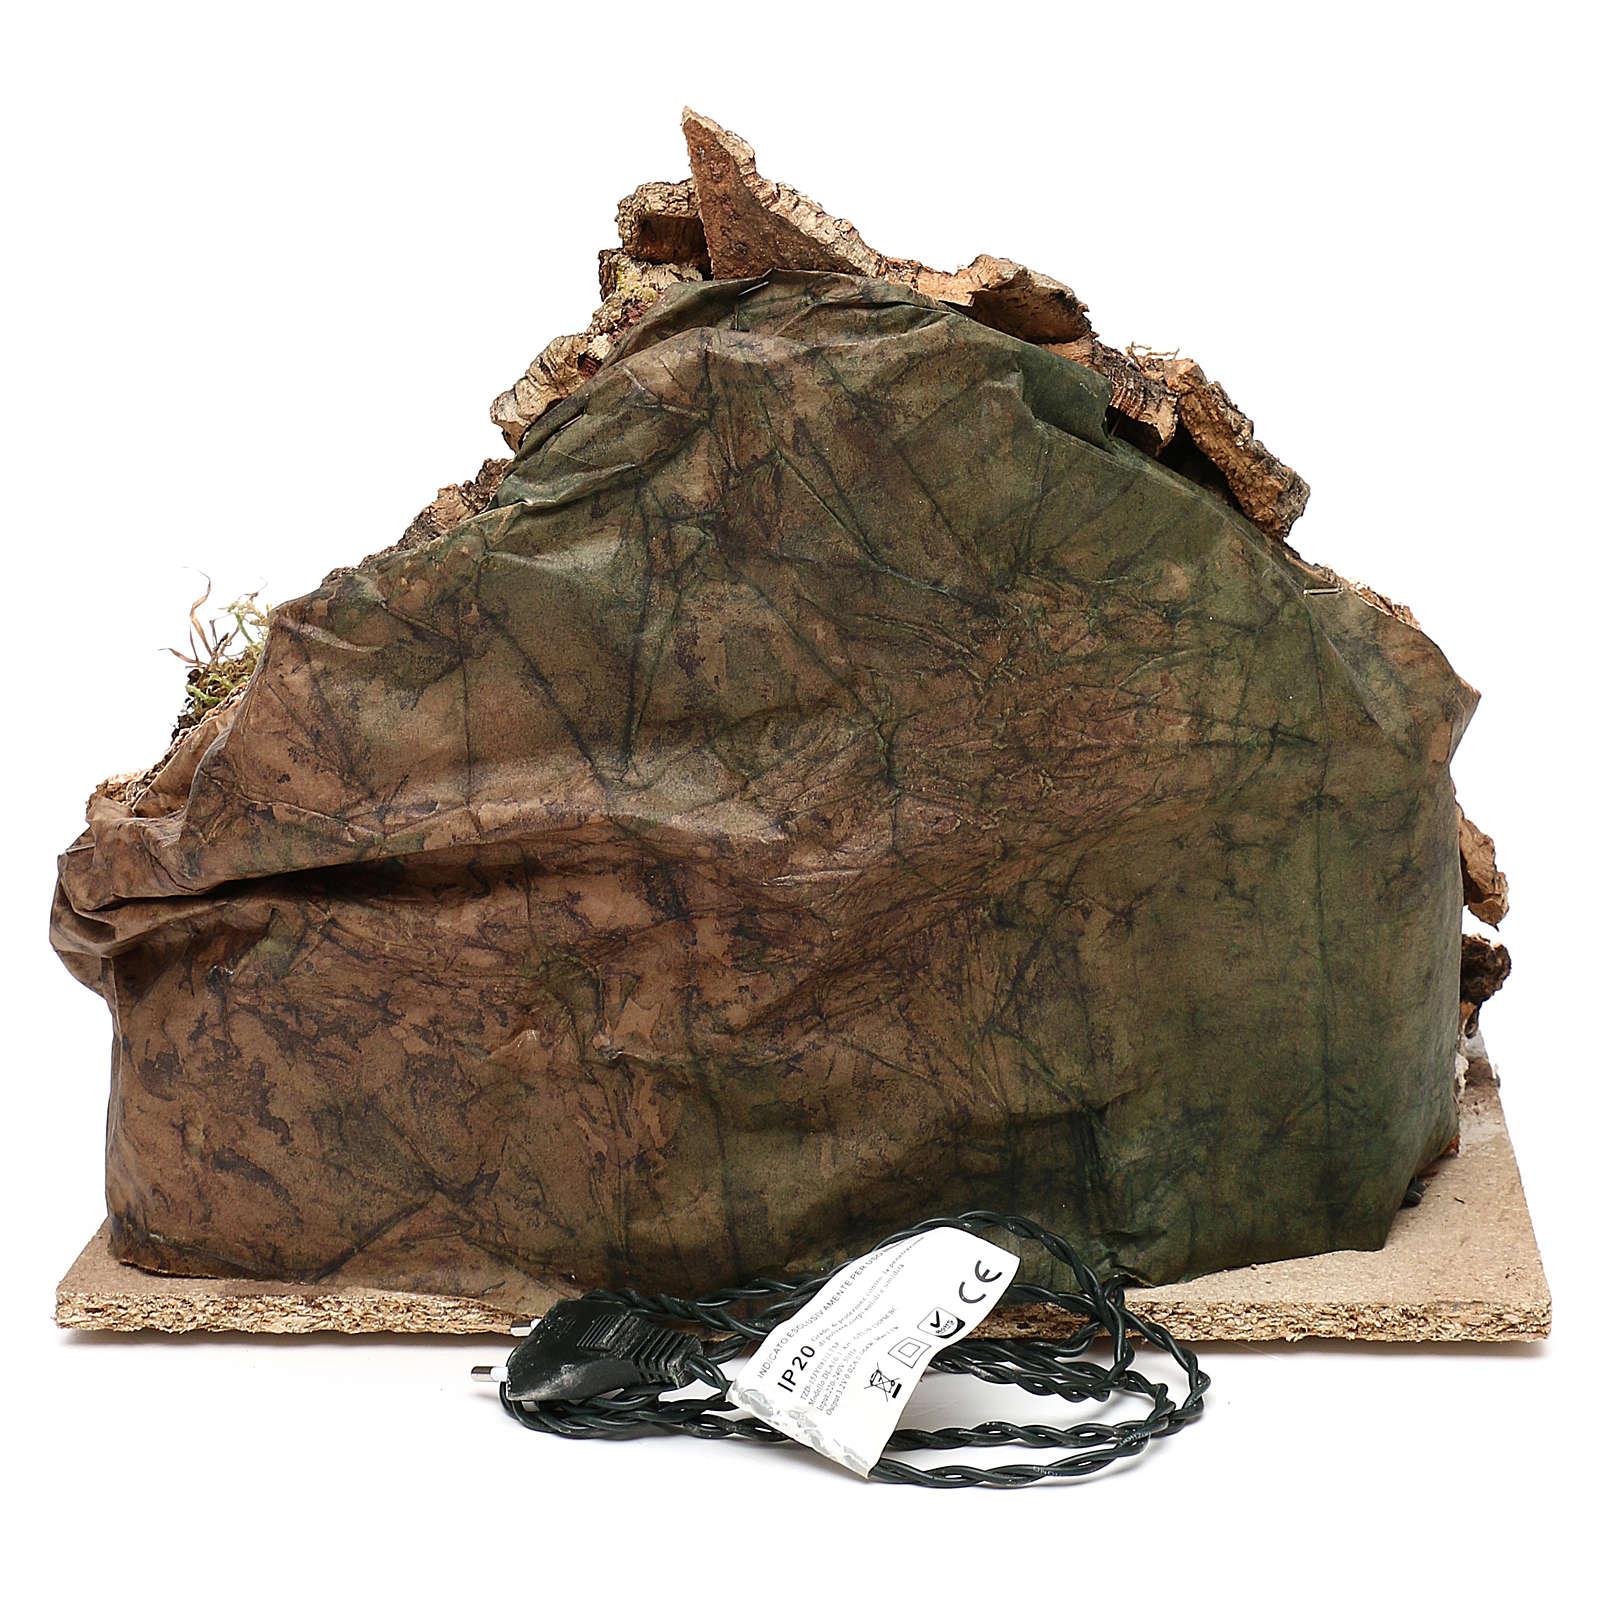 Pueblo con cueva y montaña 30x40x30 cm iluminado belén napolitano 4-6 cm 4